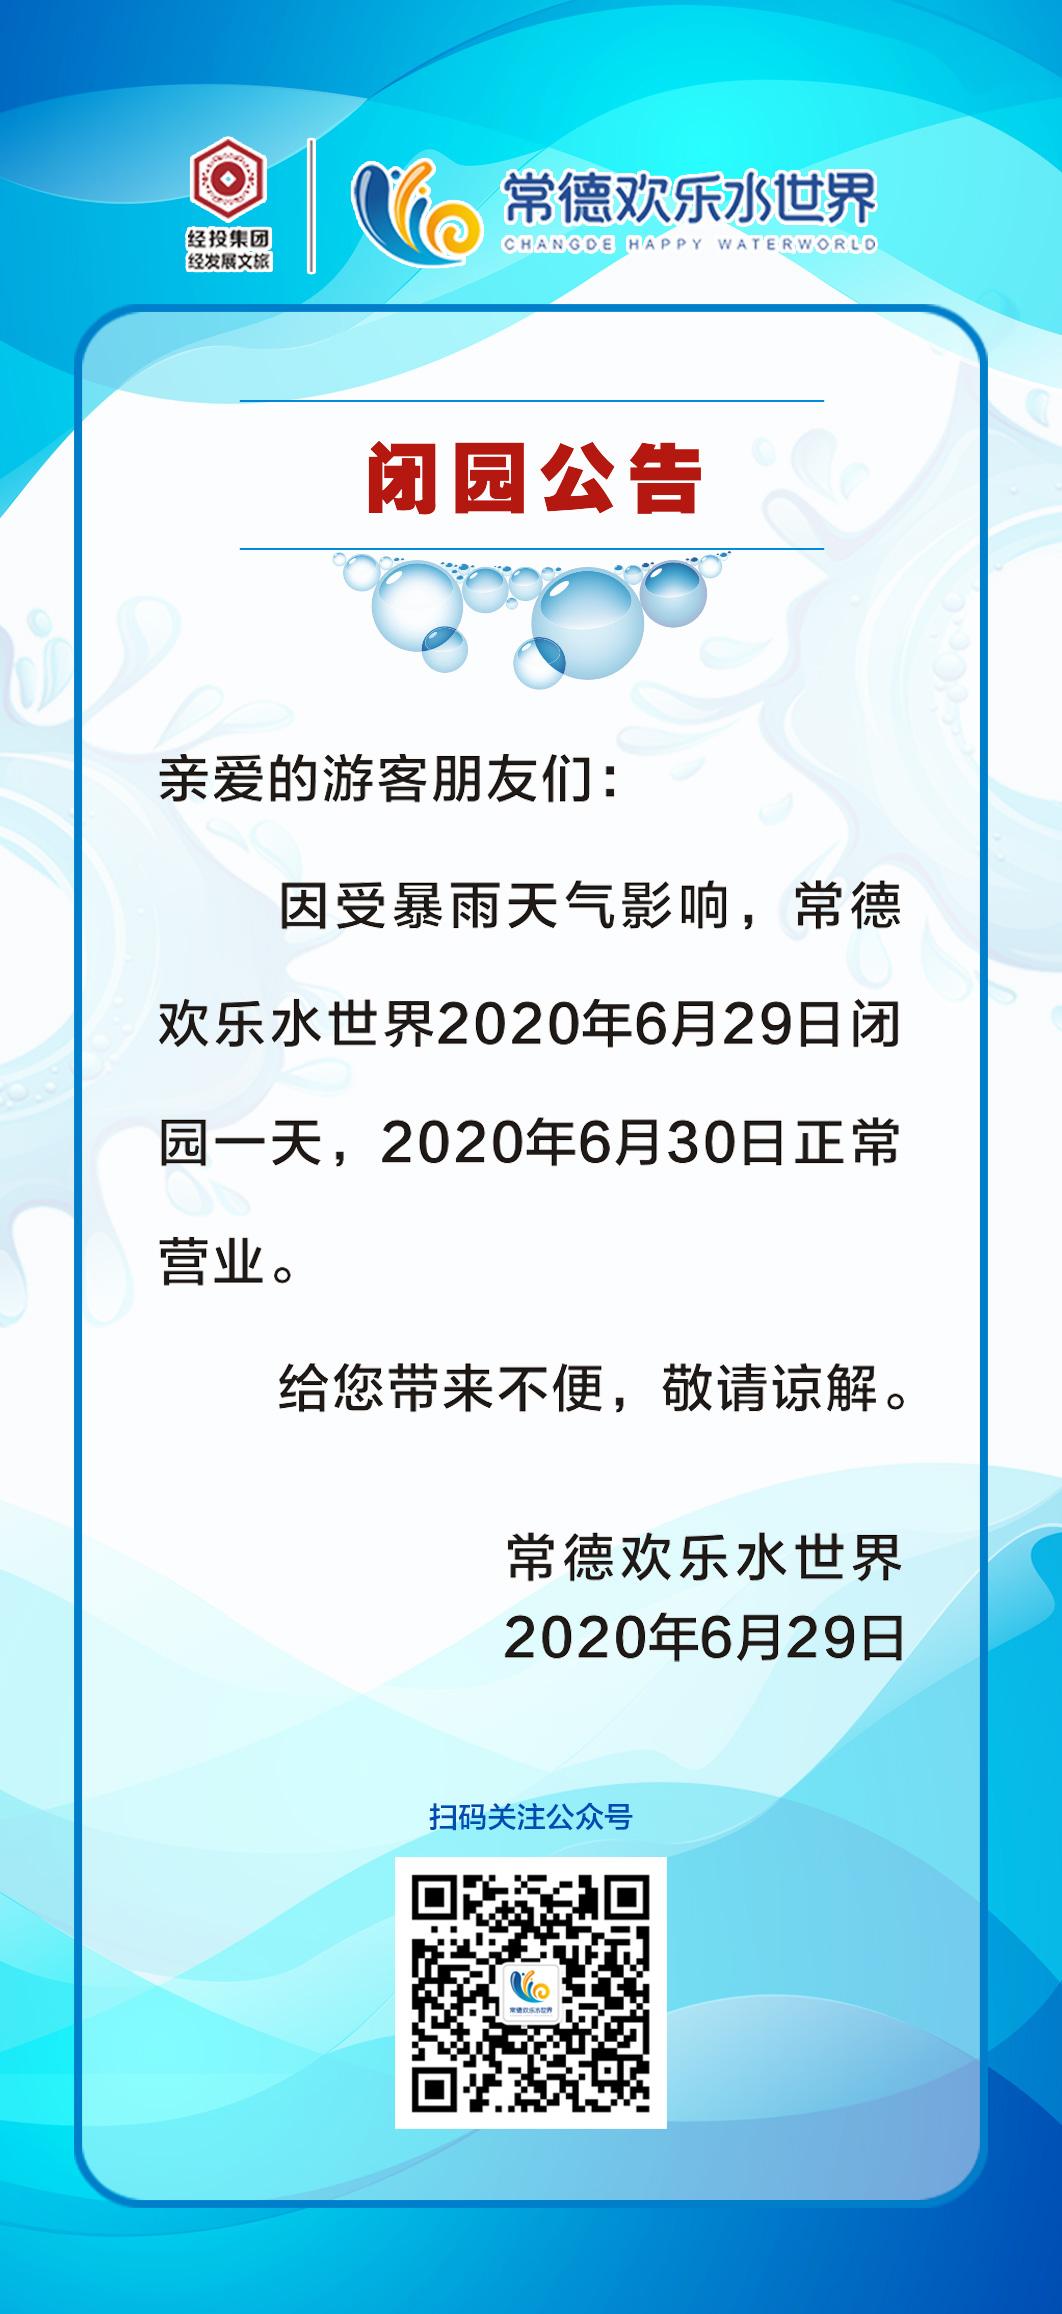 微信图片_20200629120217